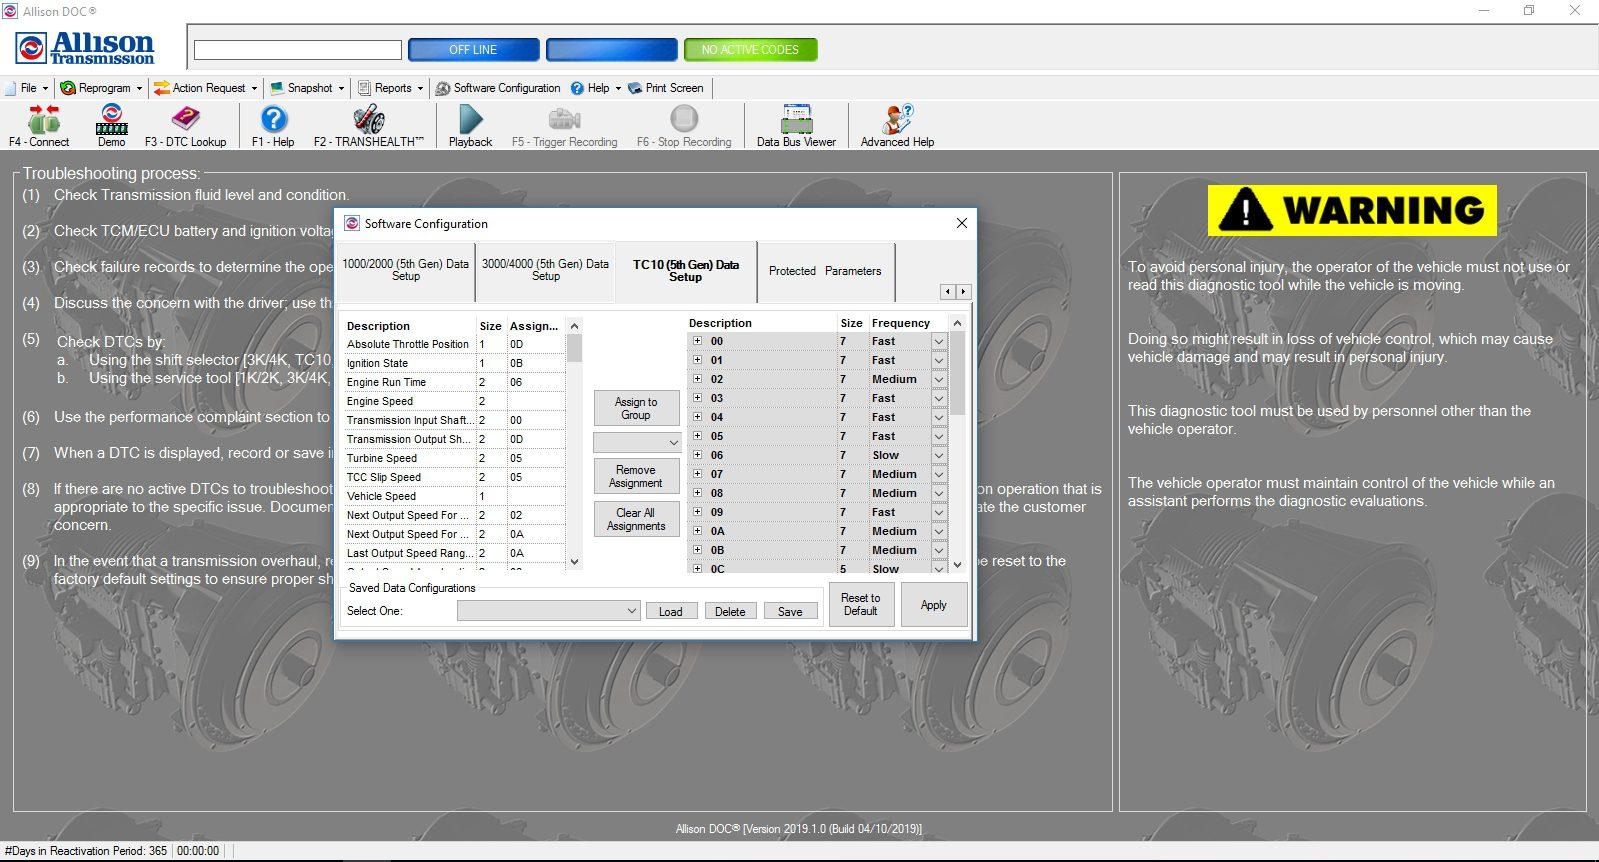 Universal_Allison_DOC_v201910_Build_042019_Transmission_Diagnostic_Software_Full_Instruction_17